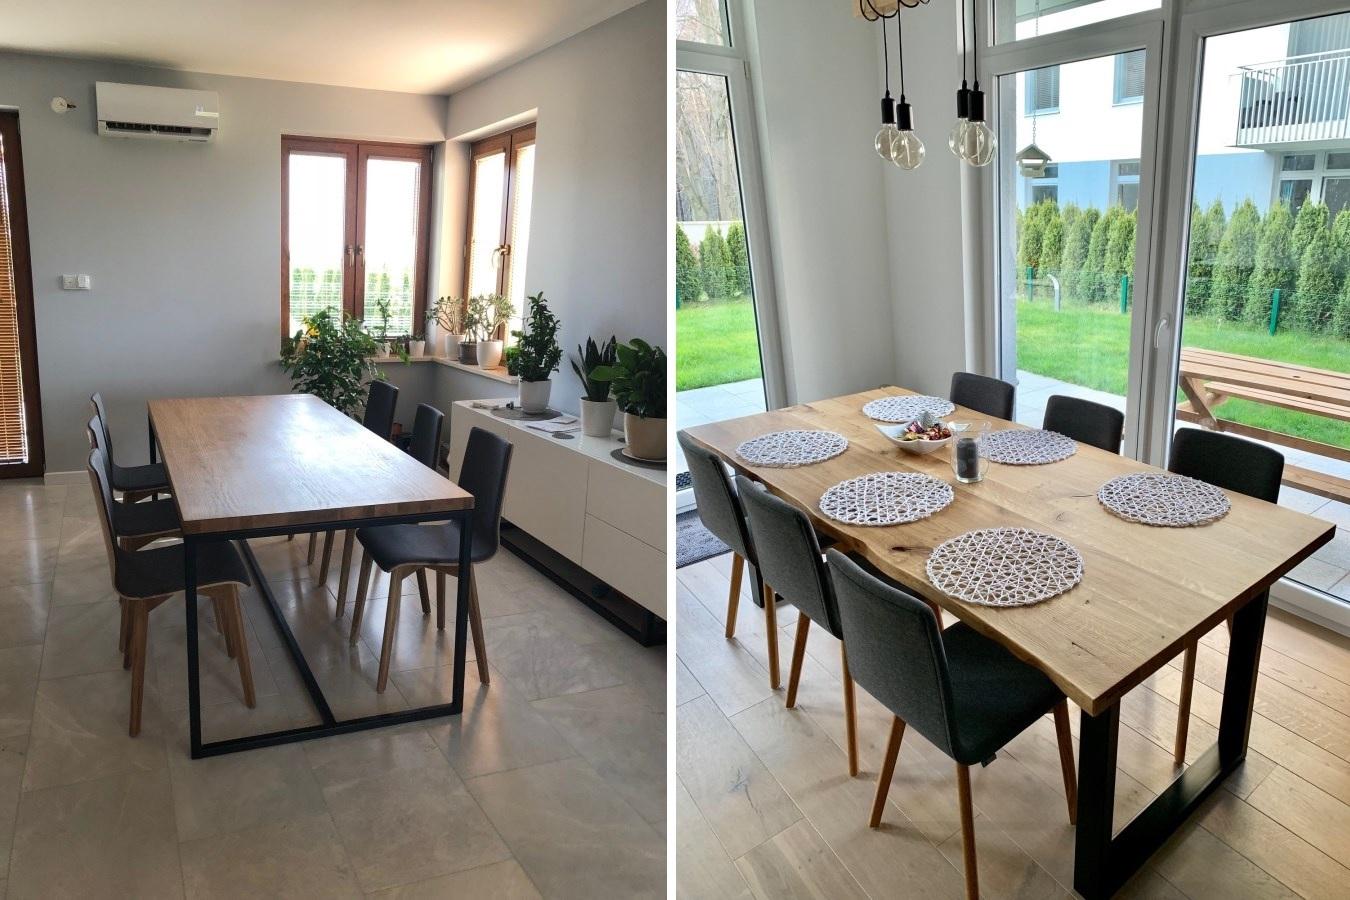 Nowoczesna jadalnia: jakie krzesła do drewnianego stołu?